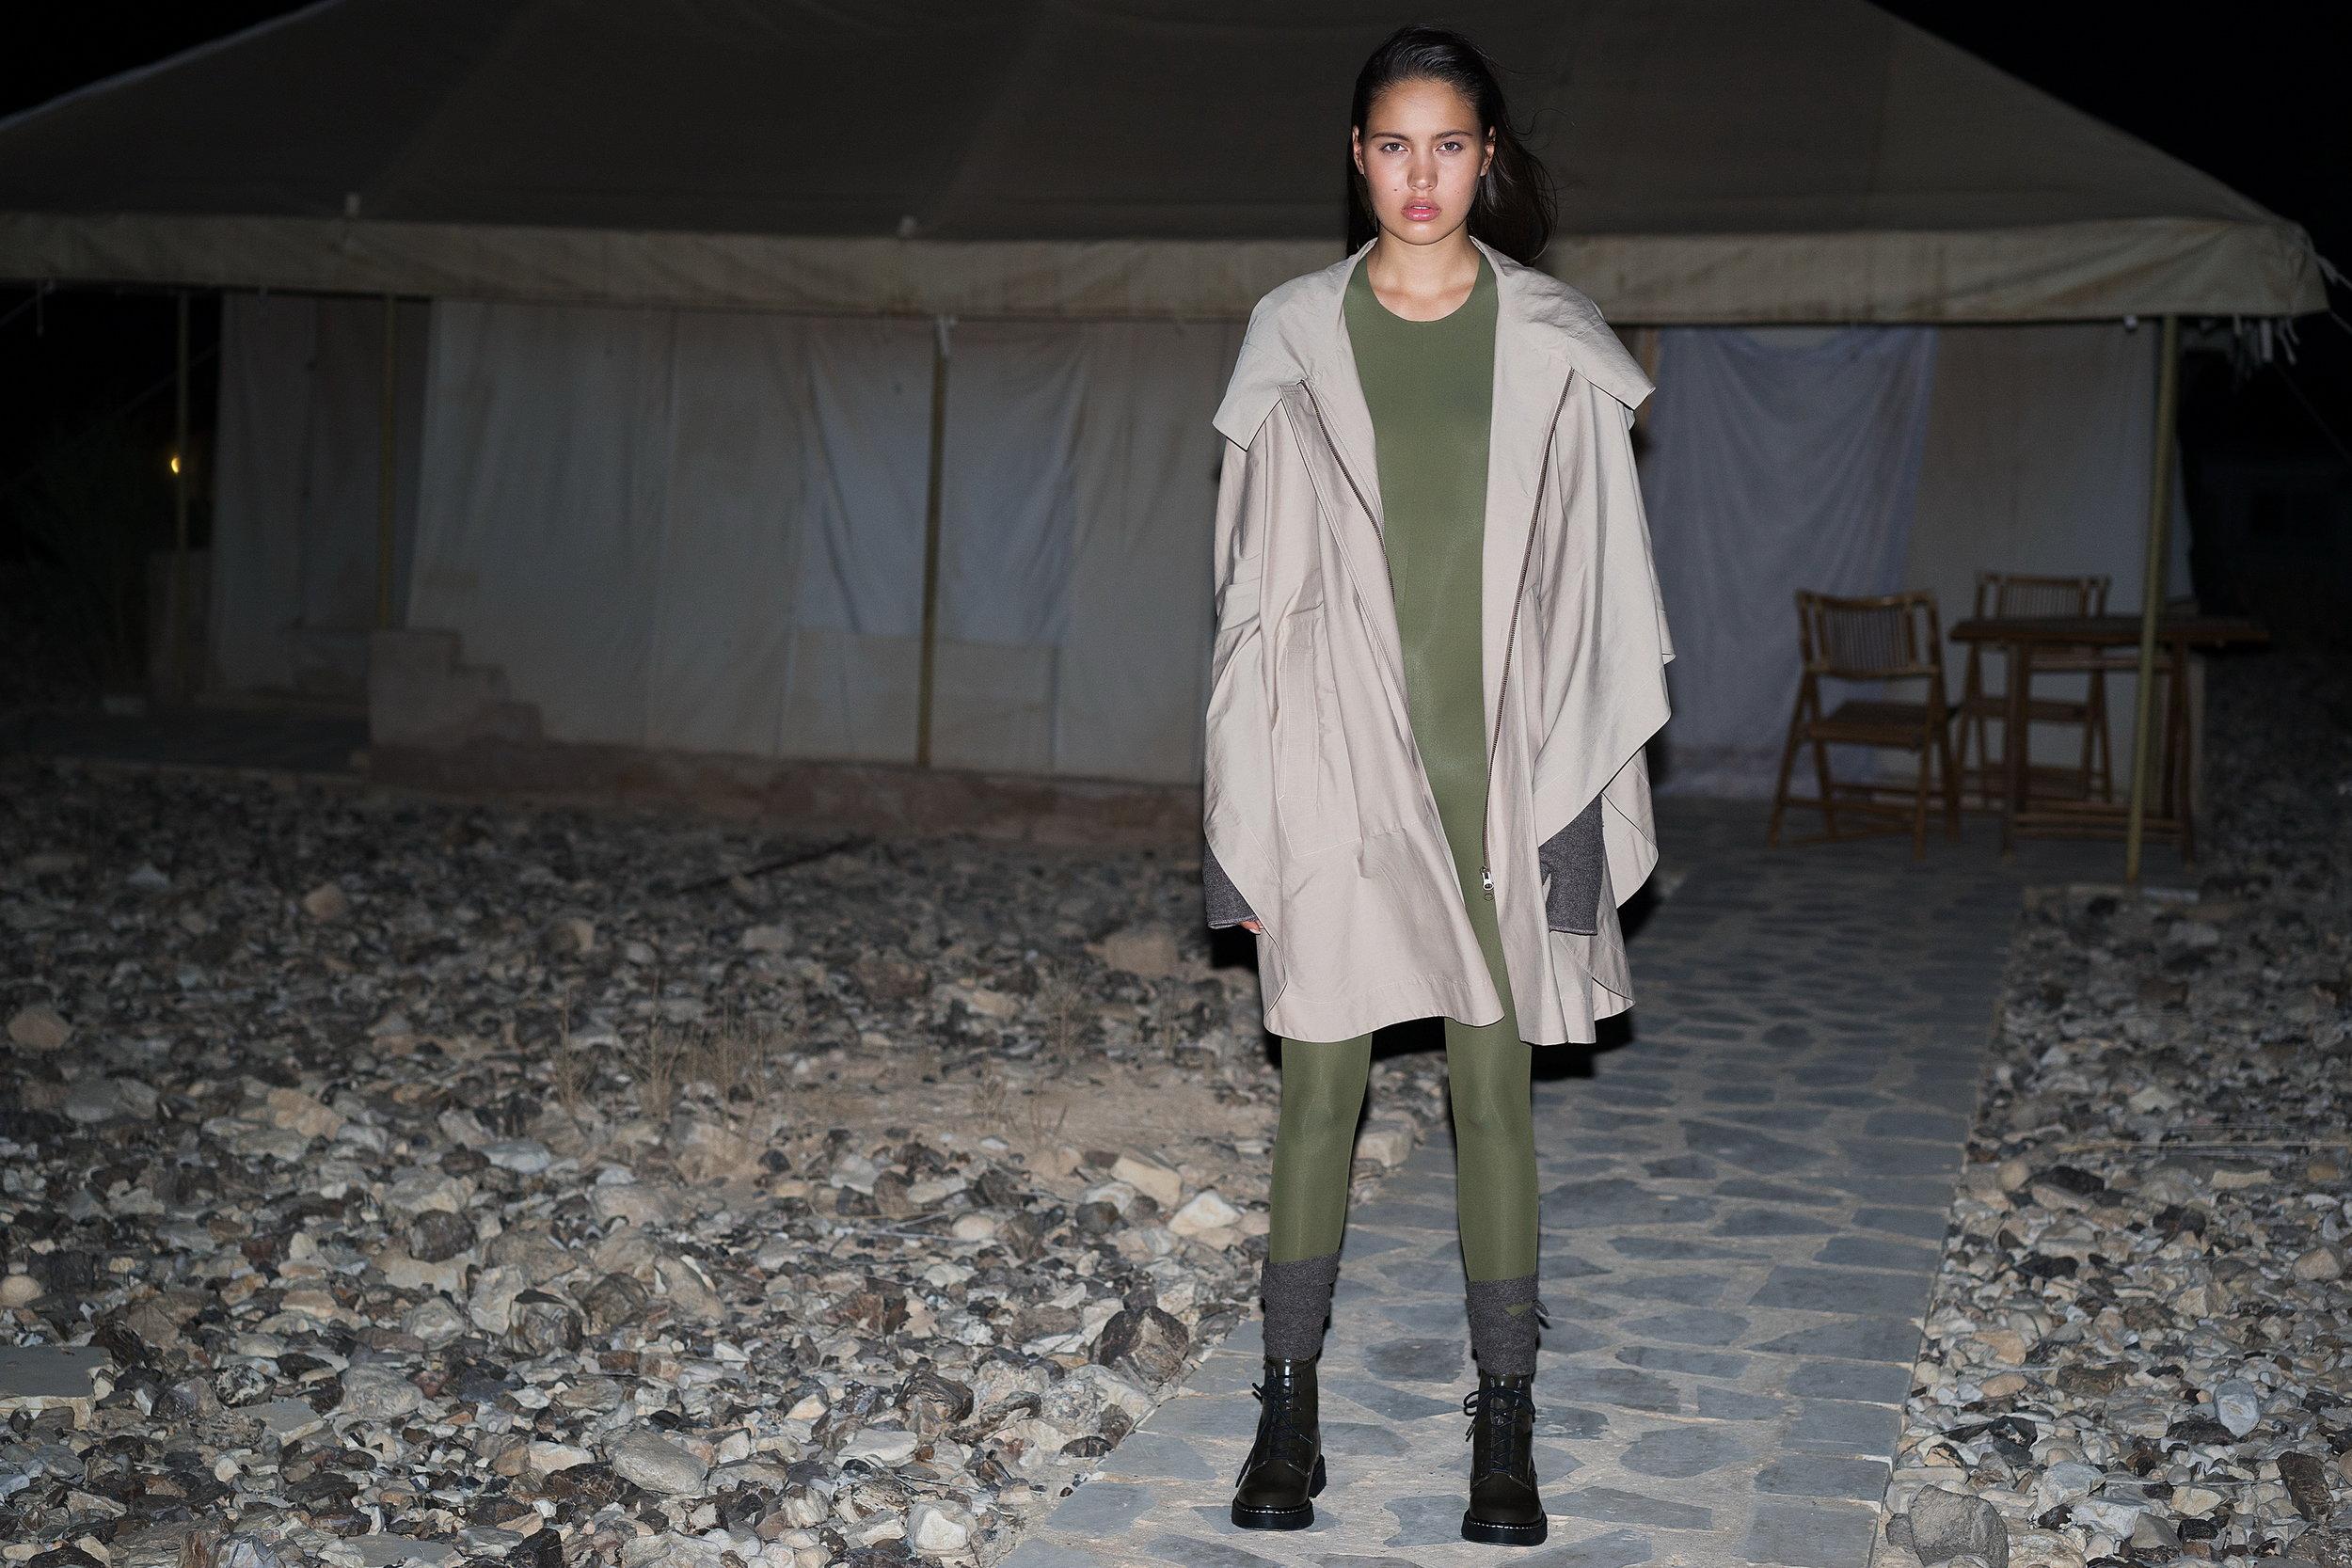 """הטרנד הצבאי עפ""""י בית האופנה מאיה נגרי (צילום יריב פיין וגיא כושי)"""